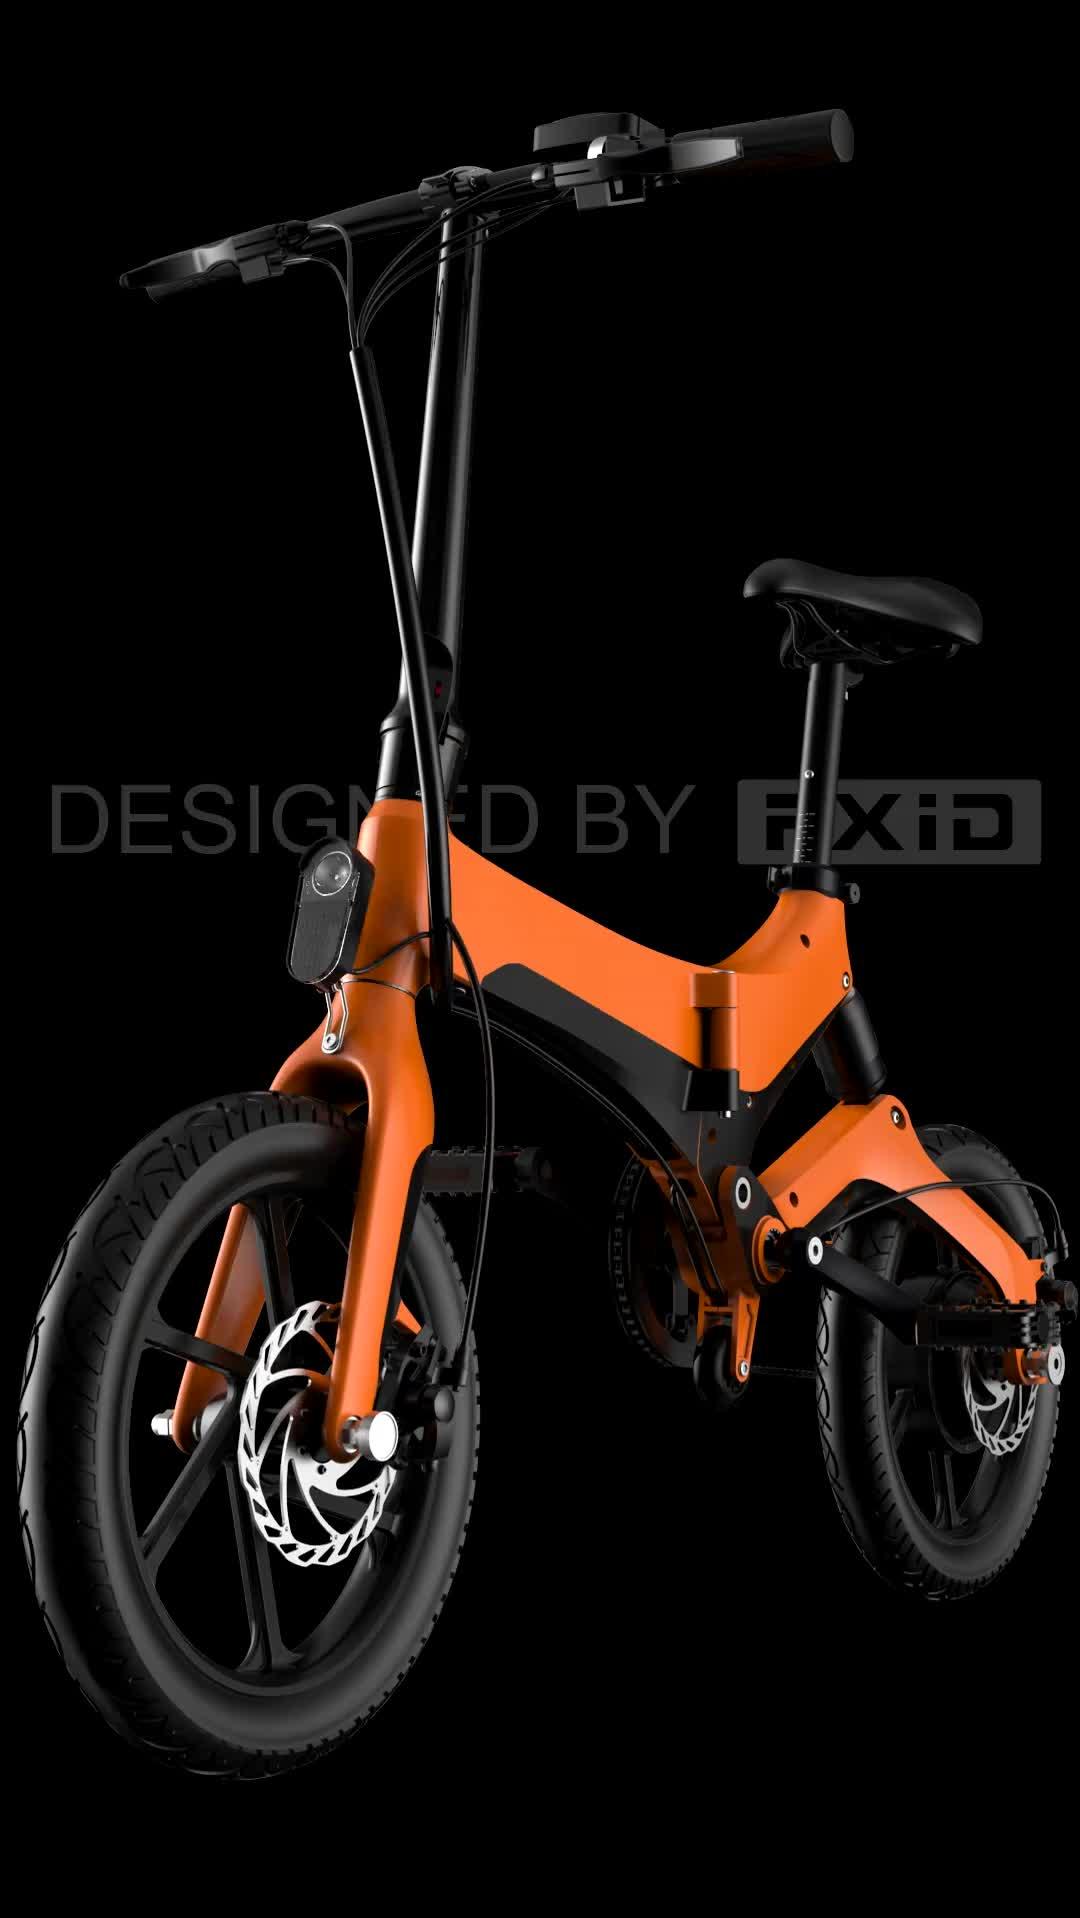 2019 Hợp Kim Magiê Bicicletas Elctricas Xe Đạp Điện Xe Đạp 16 Inch E-Xe Đạp 250W Động Cơ E Xe Đạp Gấp Ebike